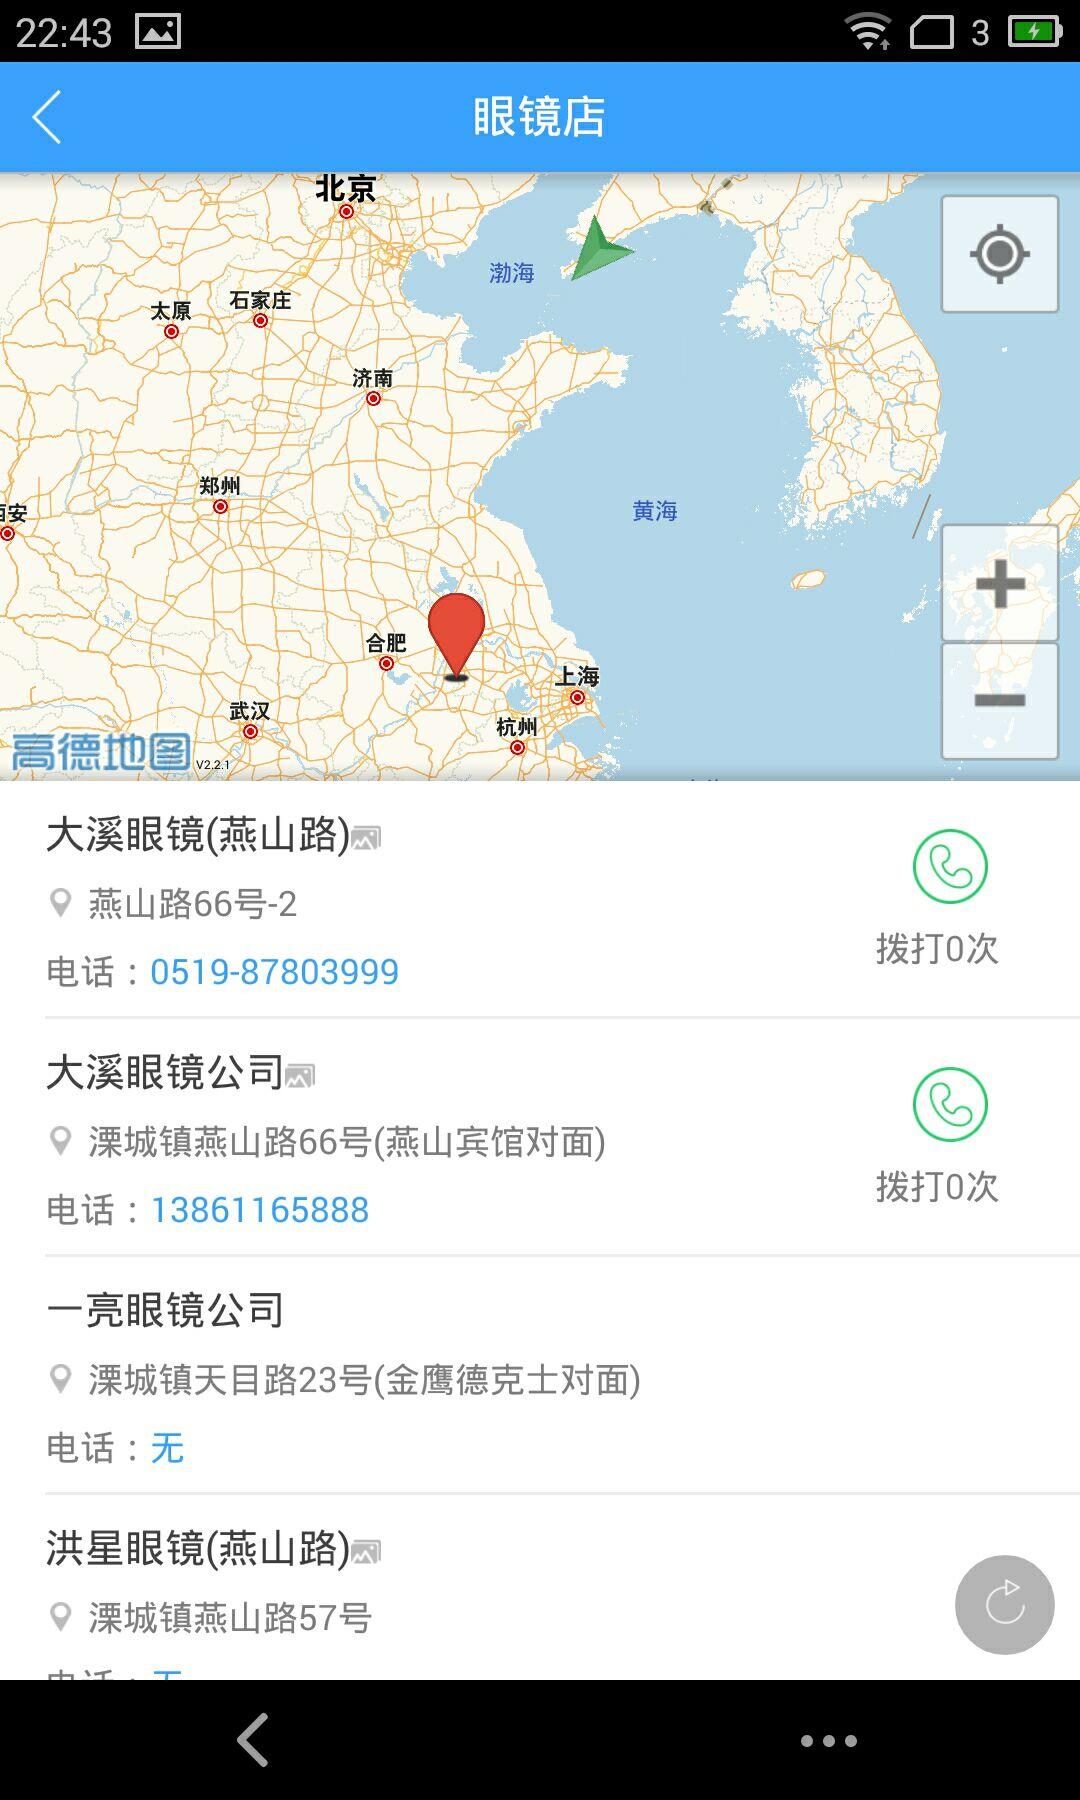 溧阳阳光社区 v1.3.160825  安卓版界面图1